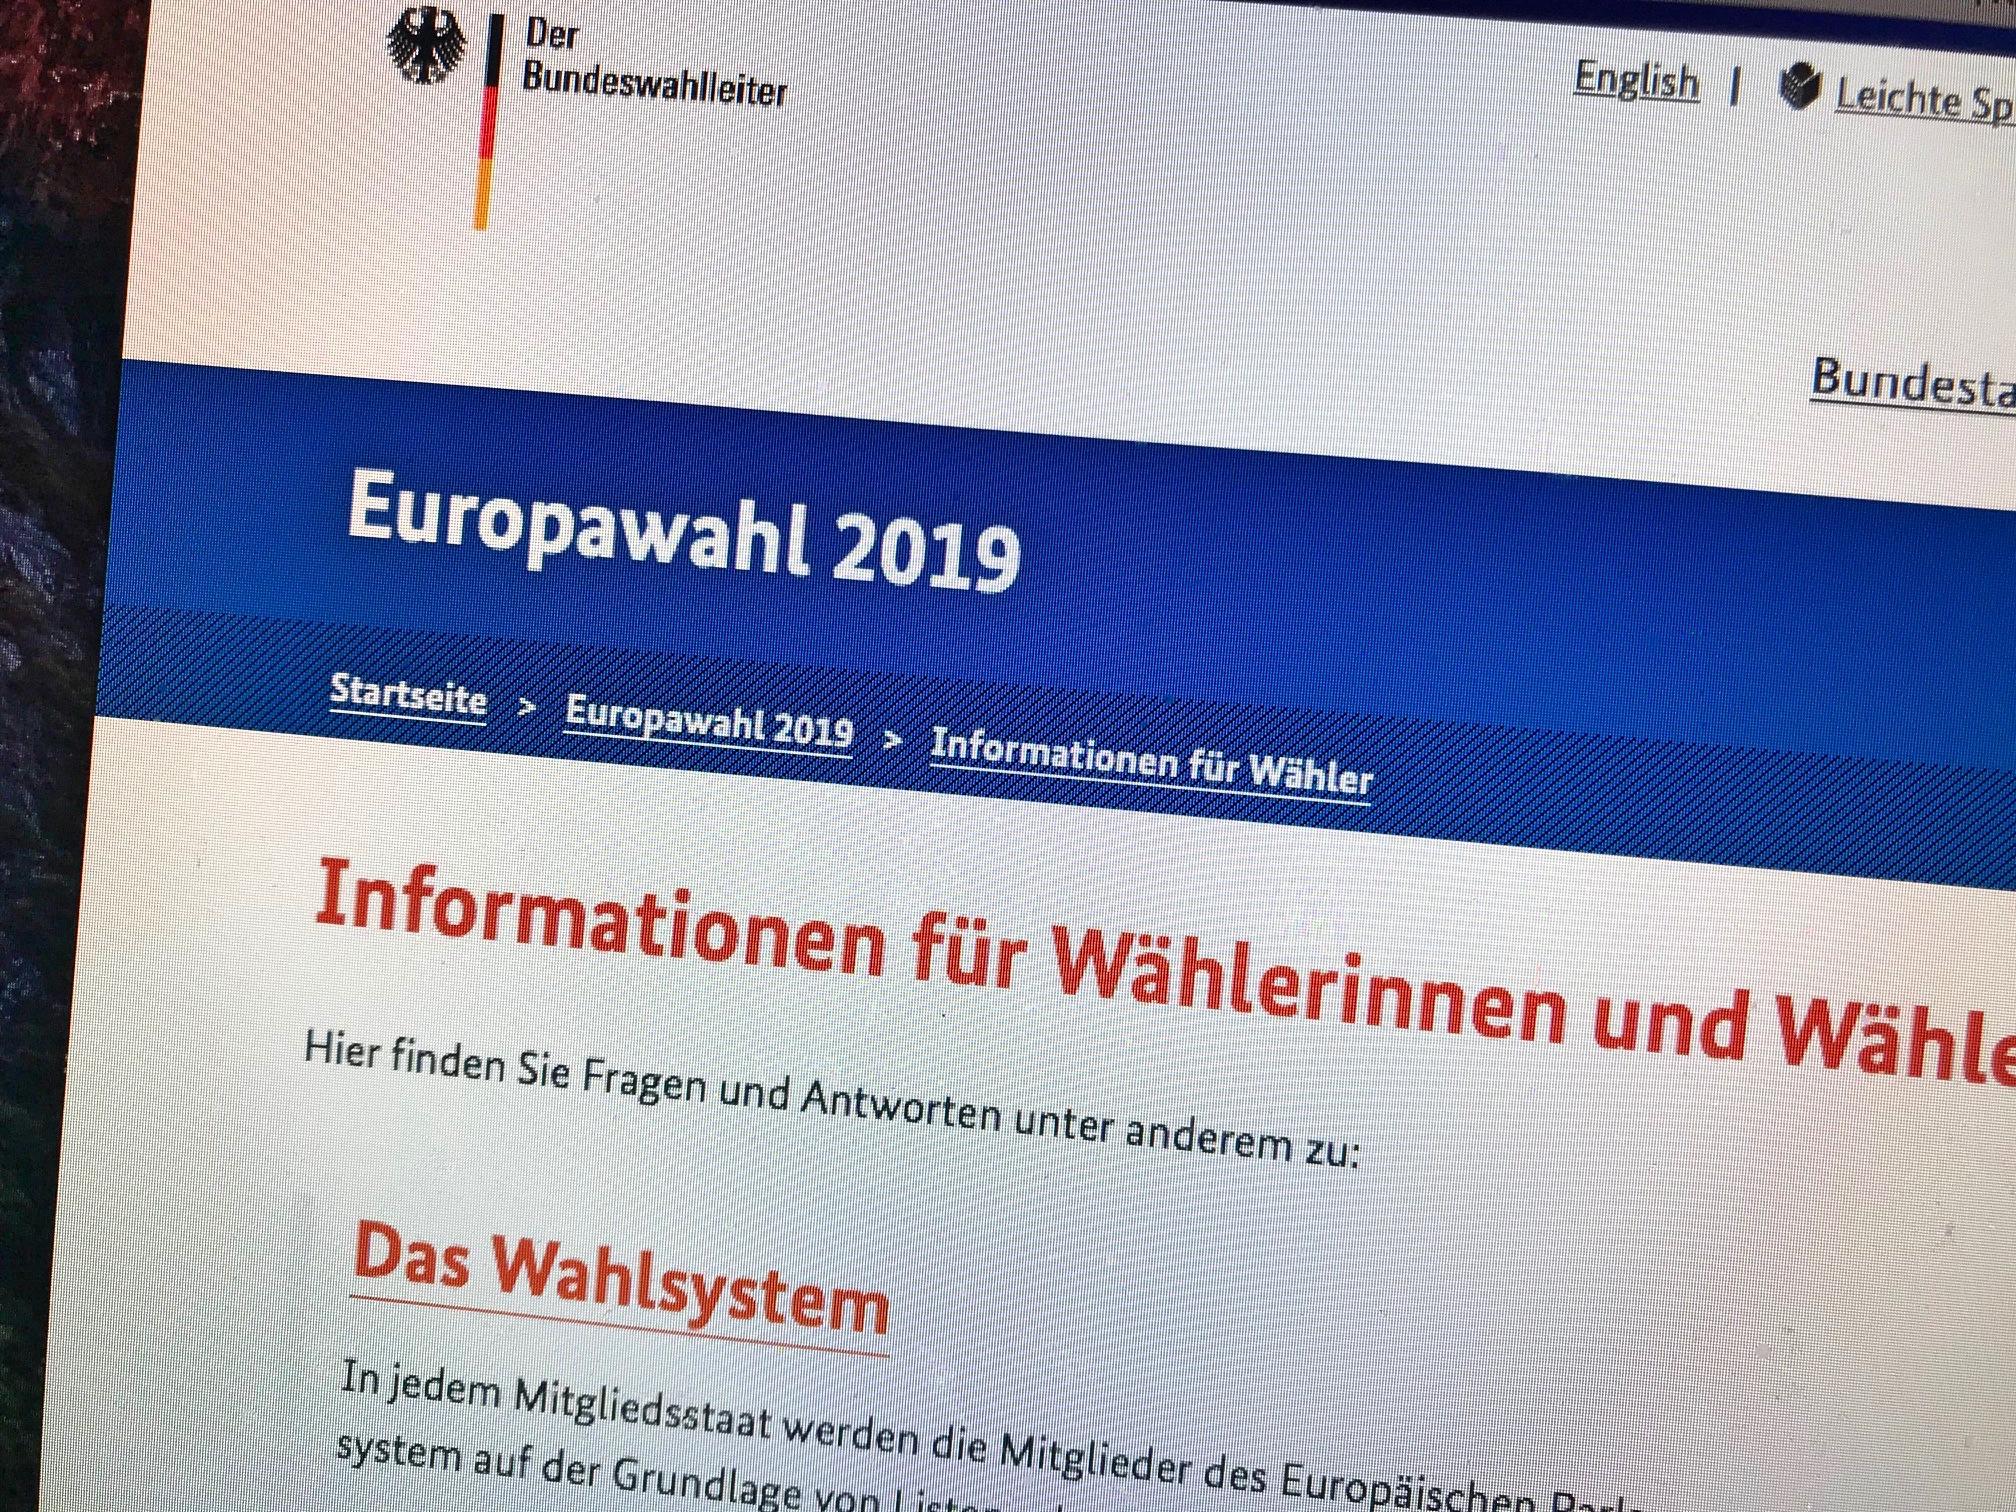 bundeswahlleiter europawahlen 2019